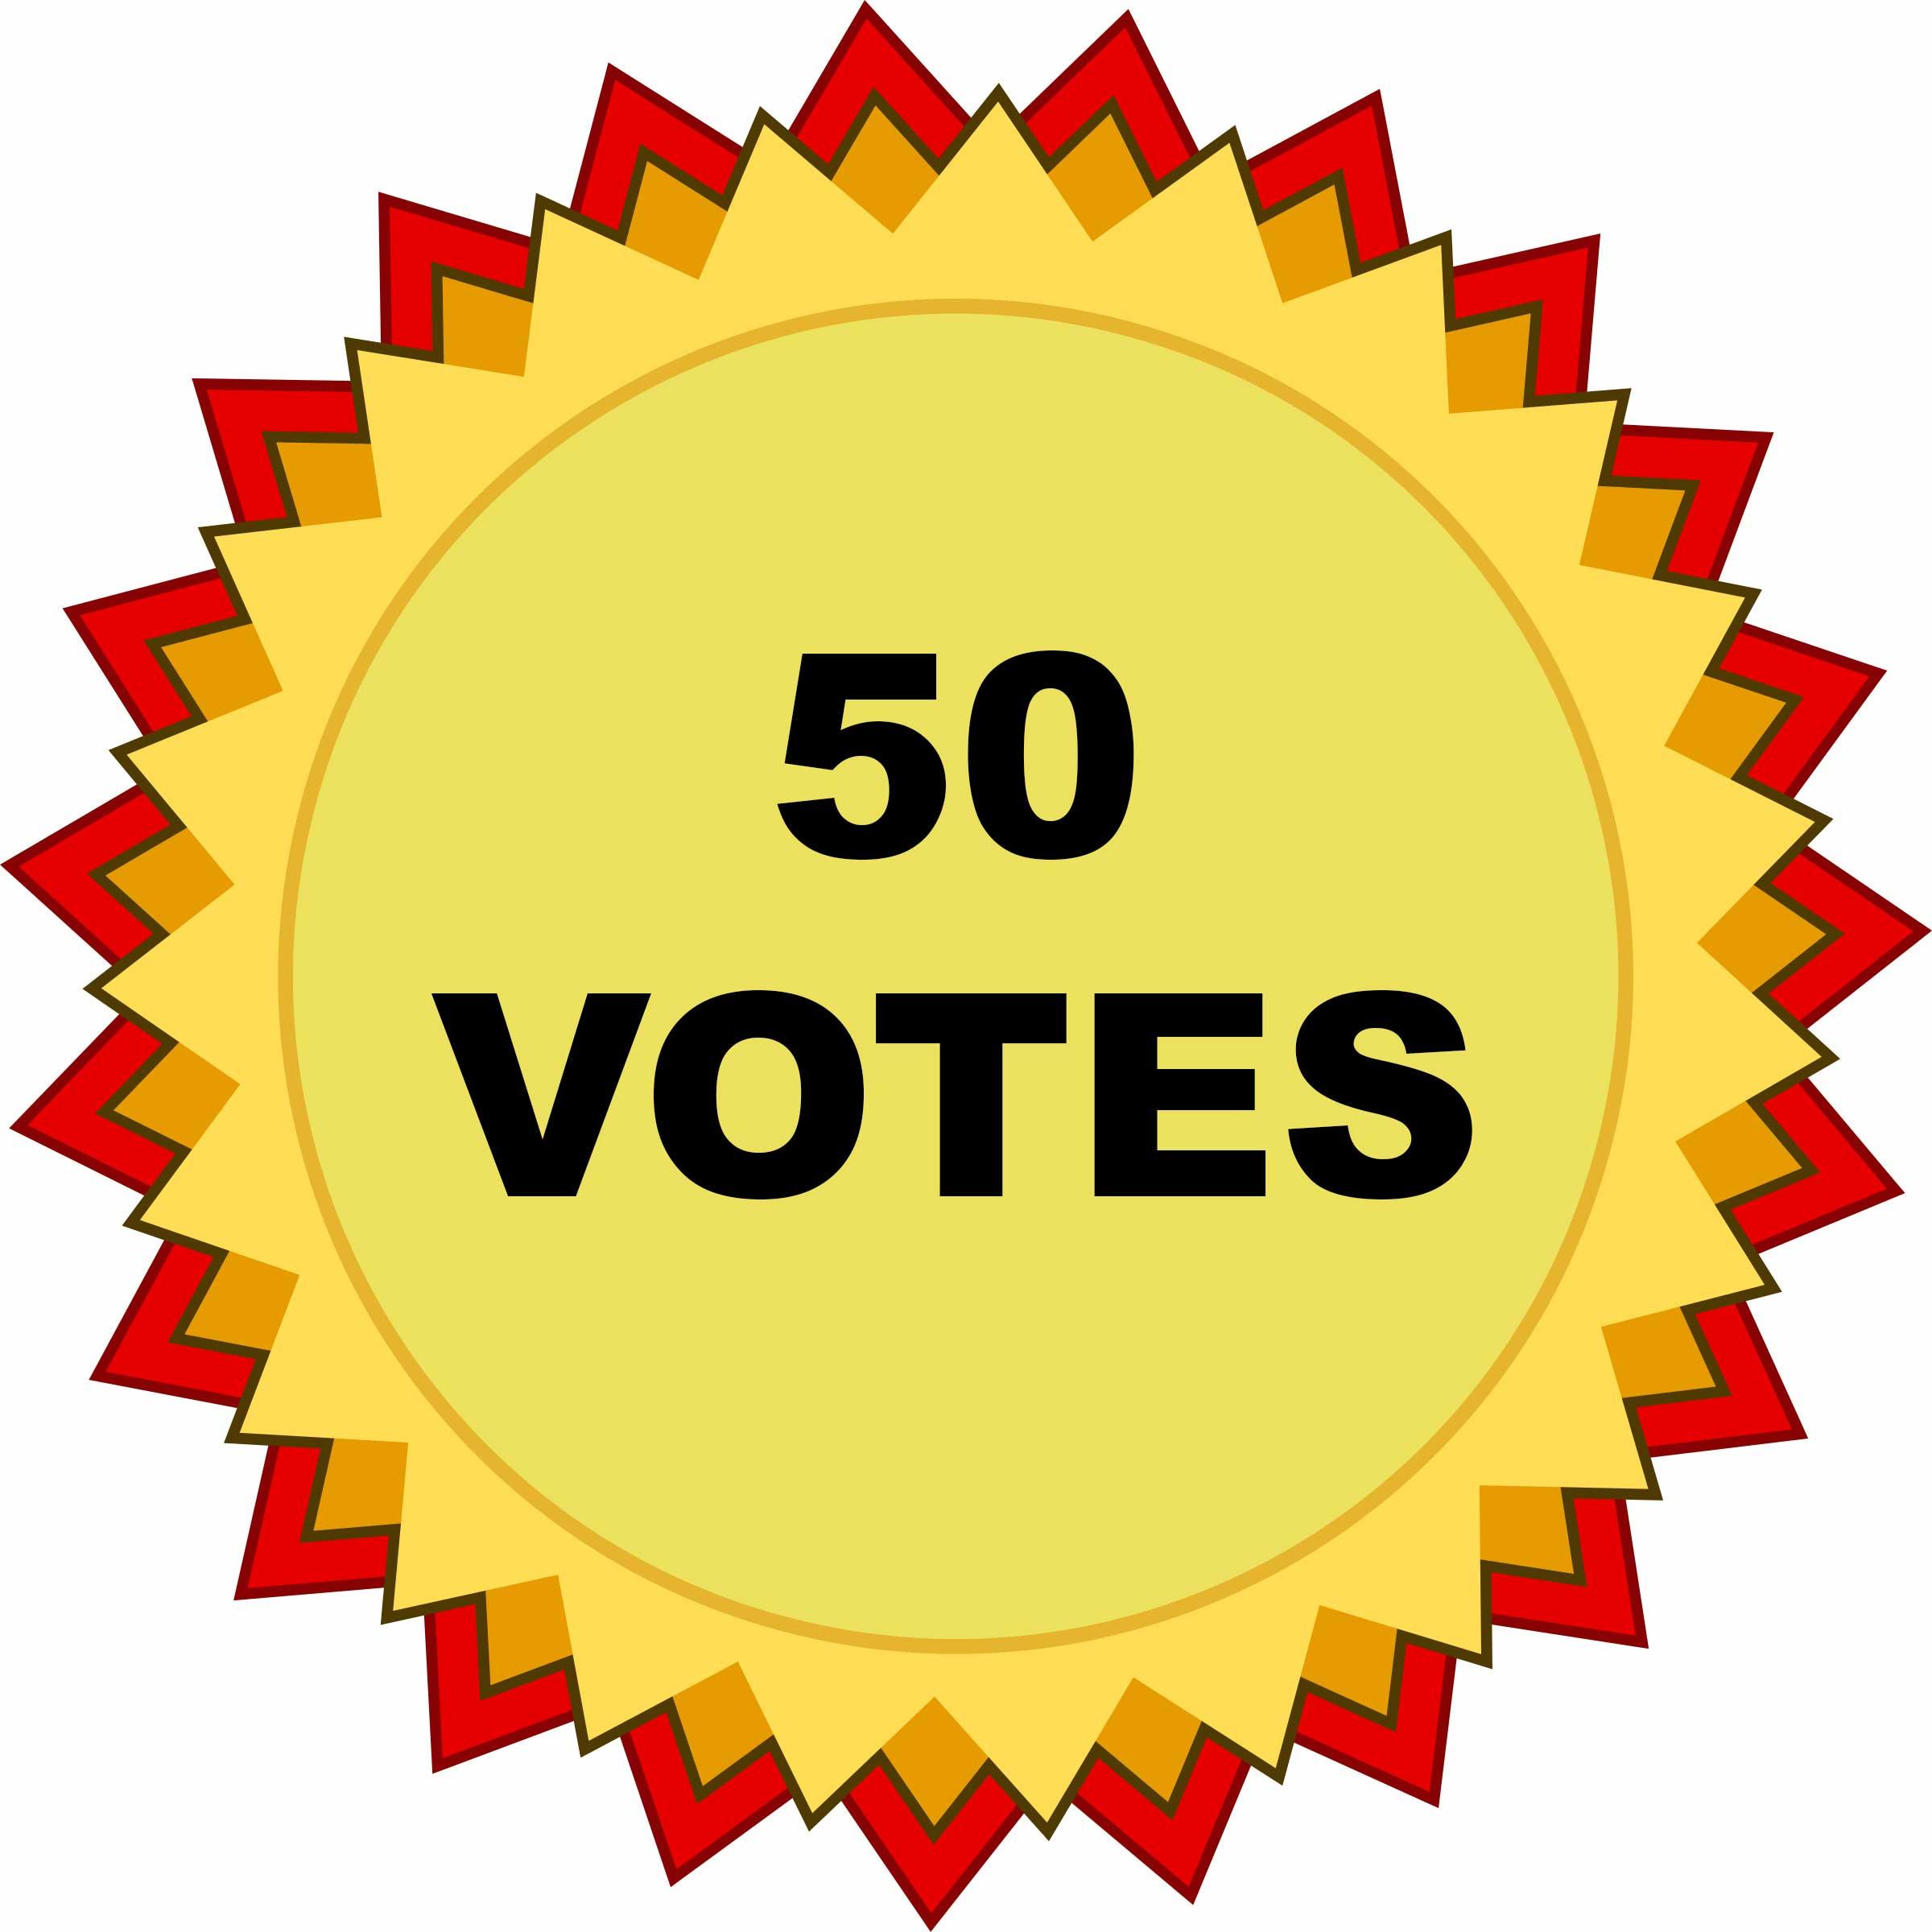 50 VOTES